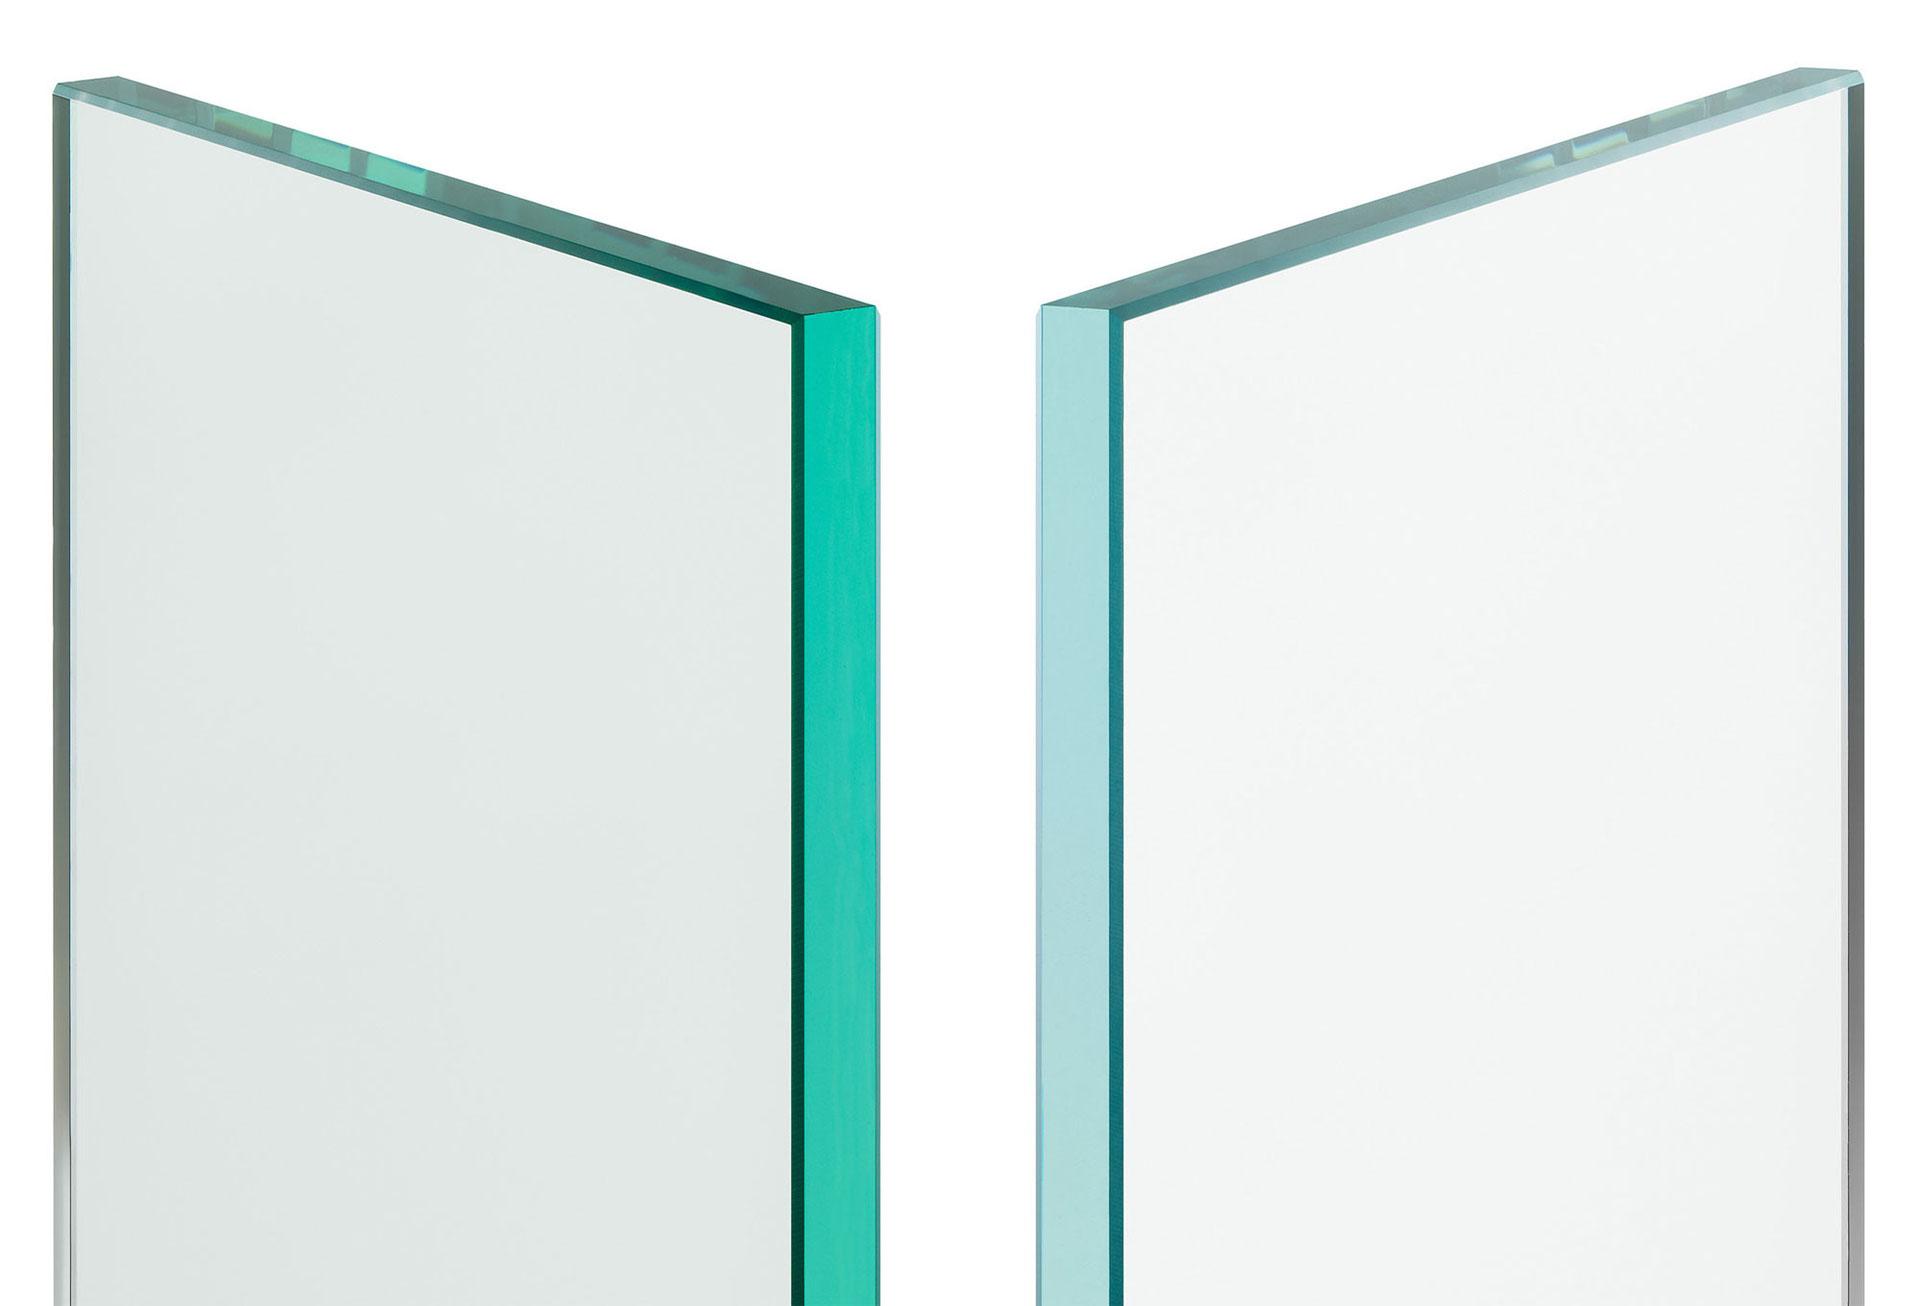 Floatglas Oder Weissglas Sicherheitsglas Beim Hersteller